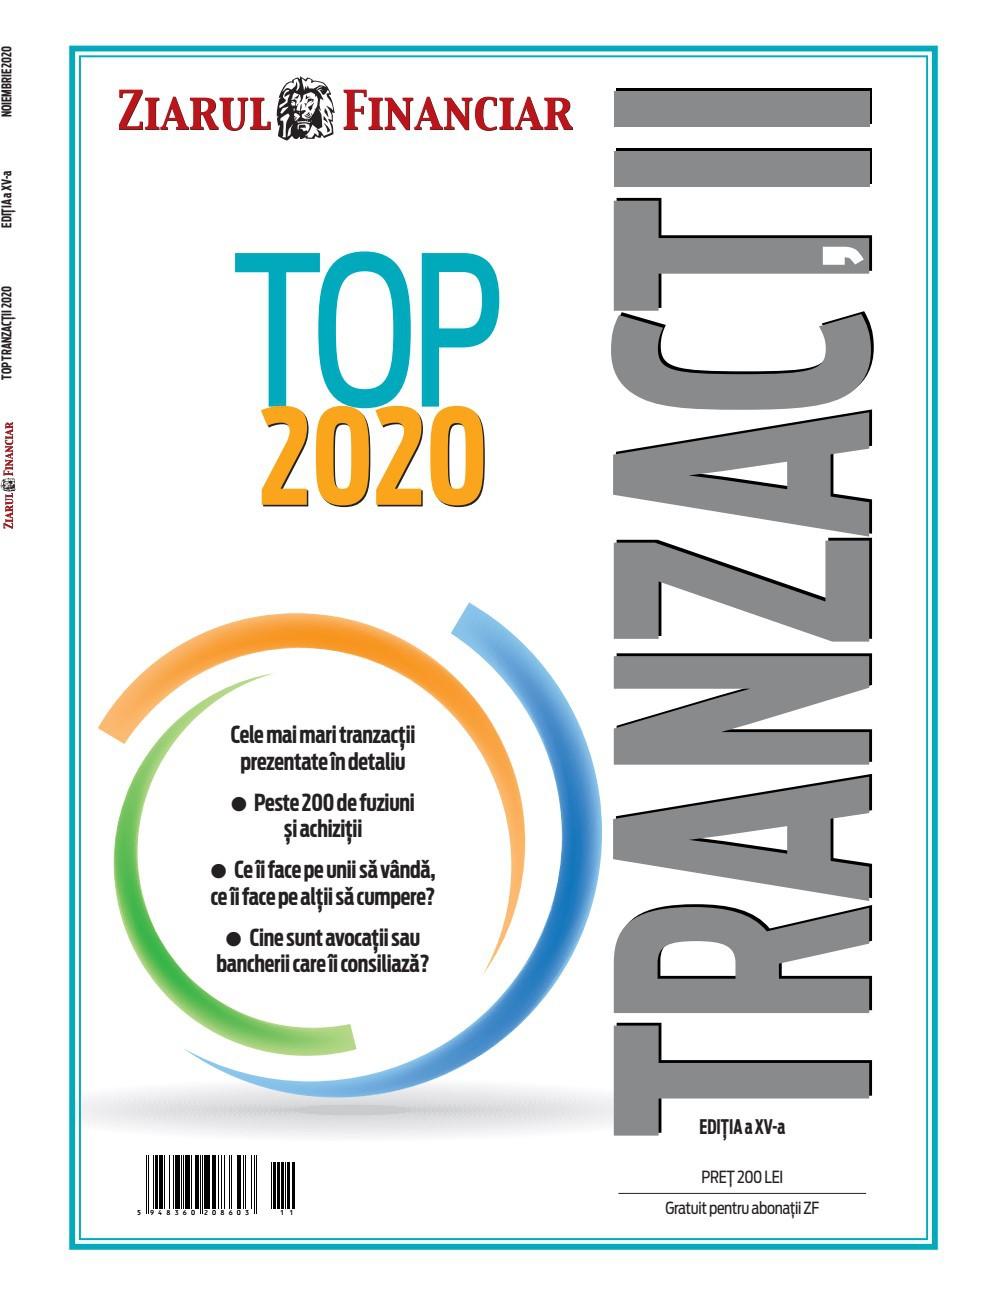 proiecte de investiții pe internet în 2020